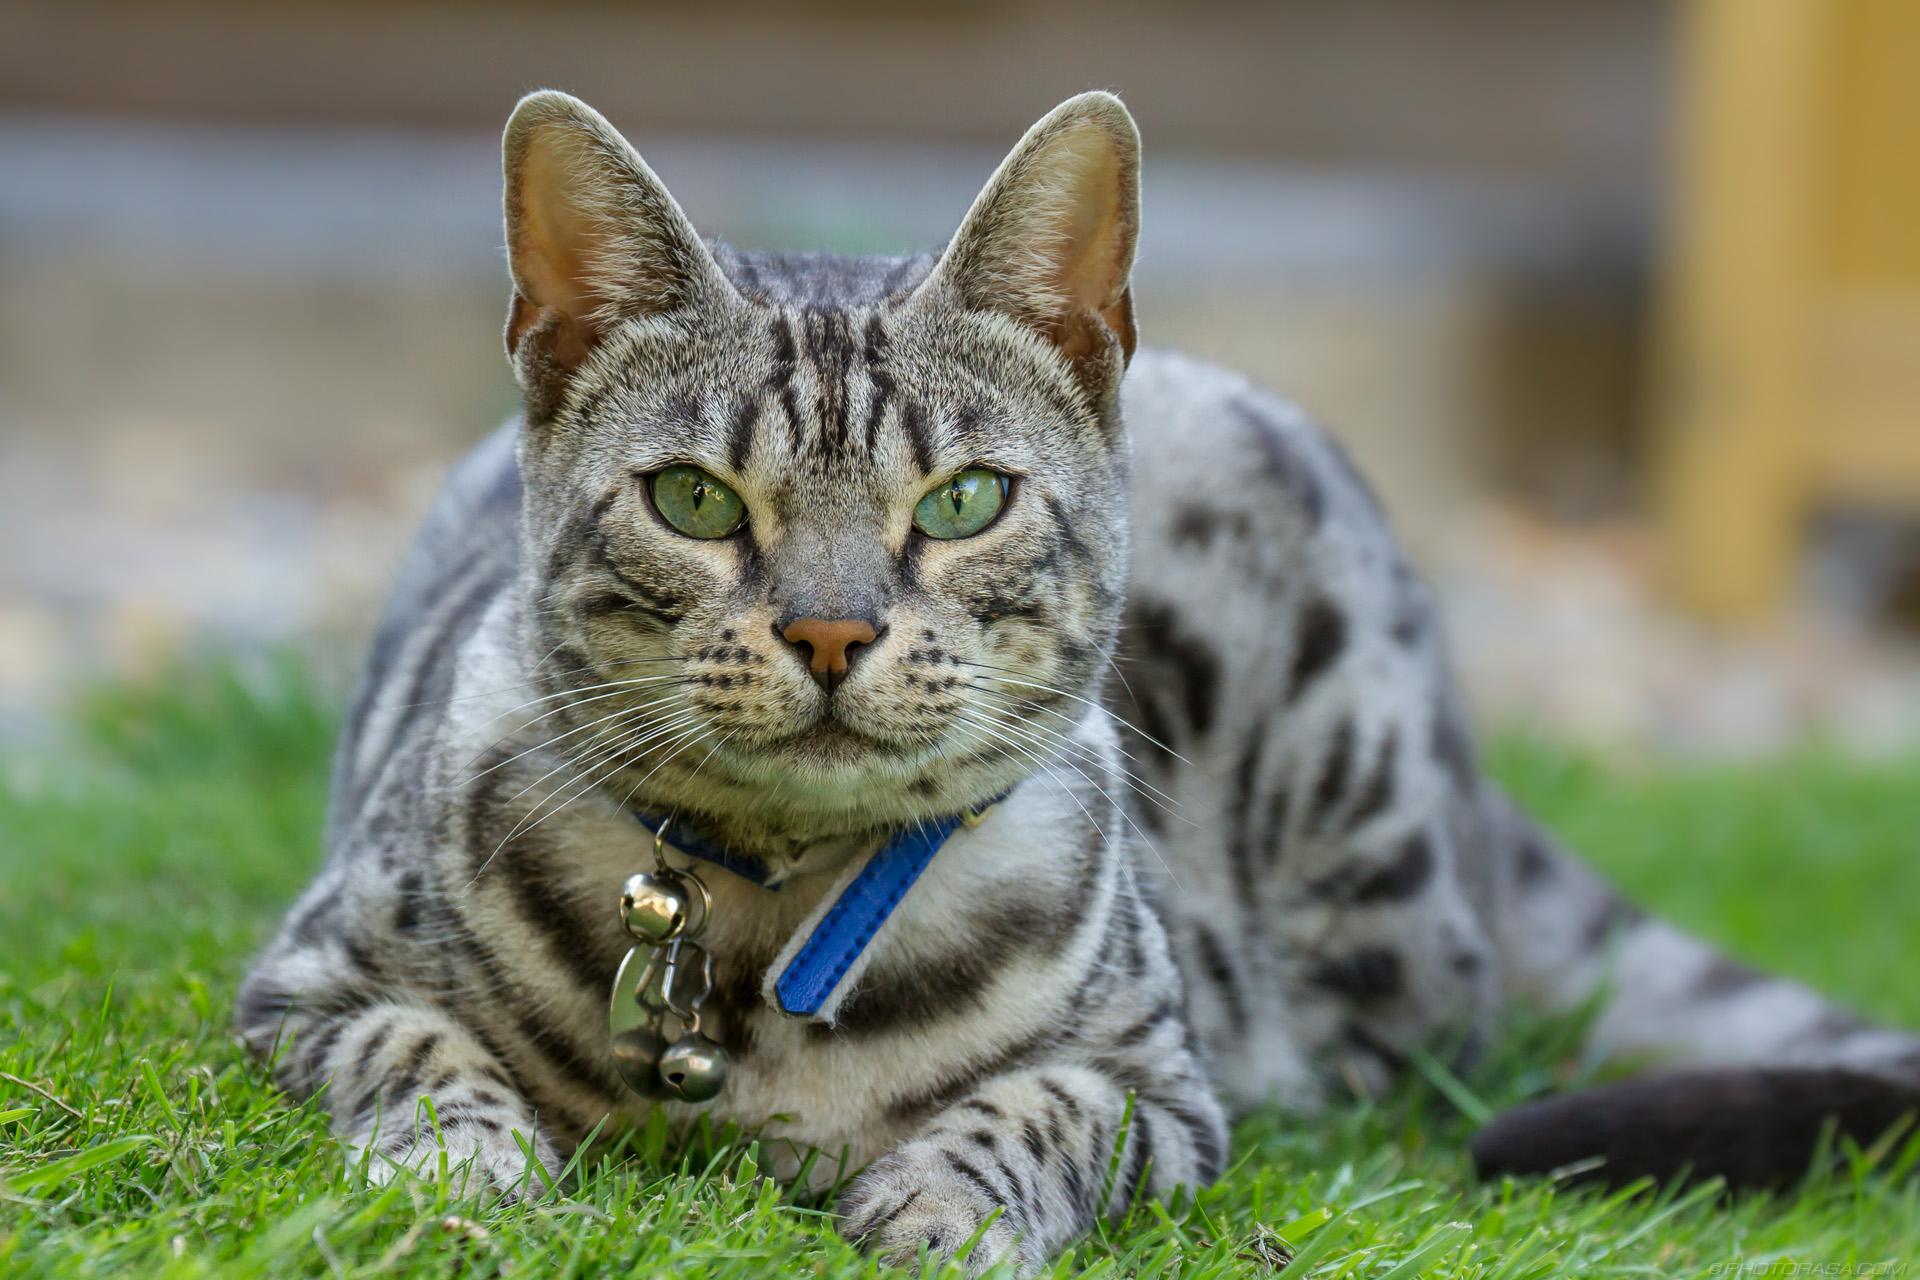 https://photorasa.com/silver-tabby-cat/a-soft-friendly-look-towards-the-camera/